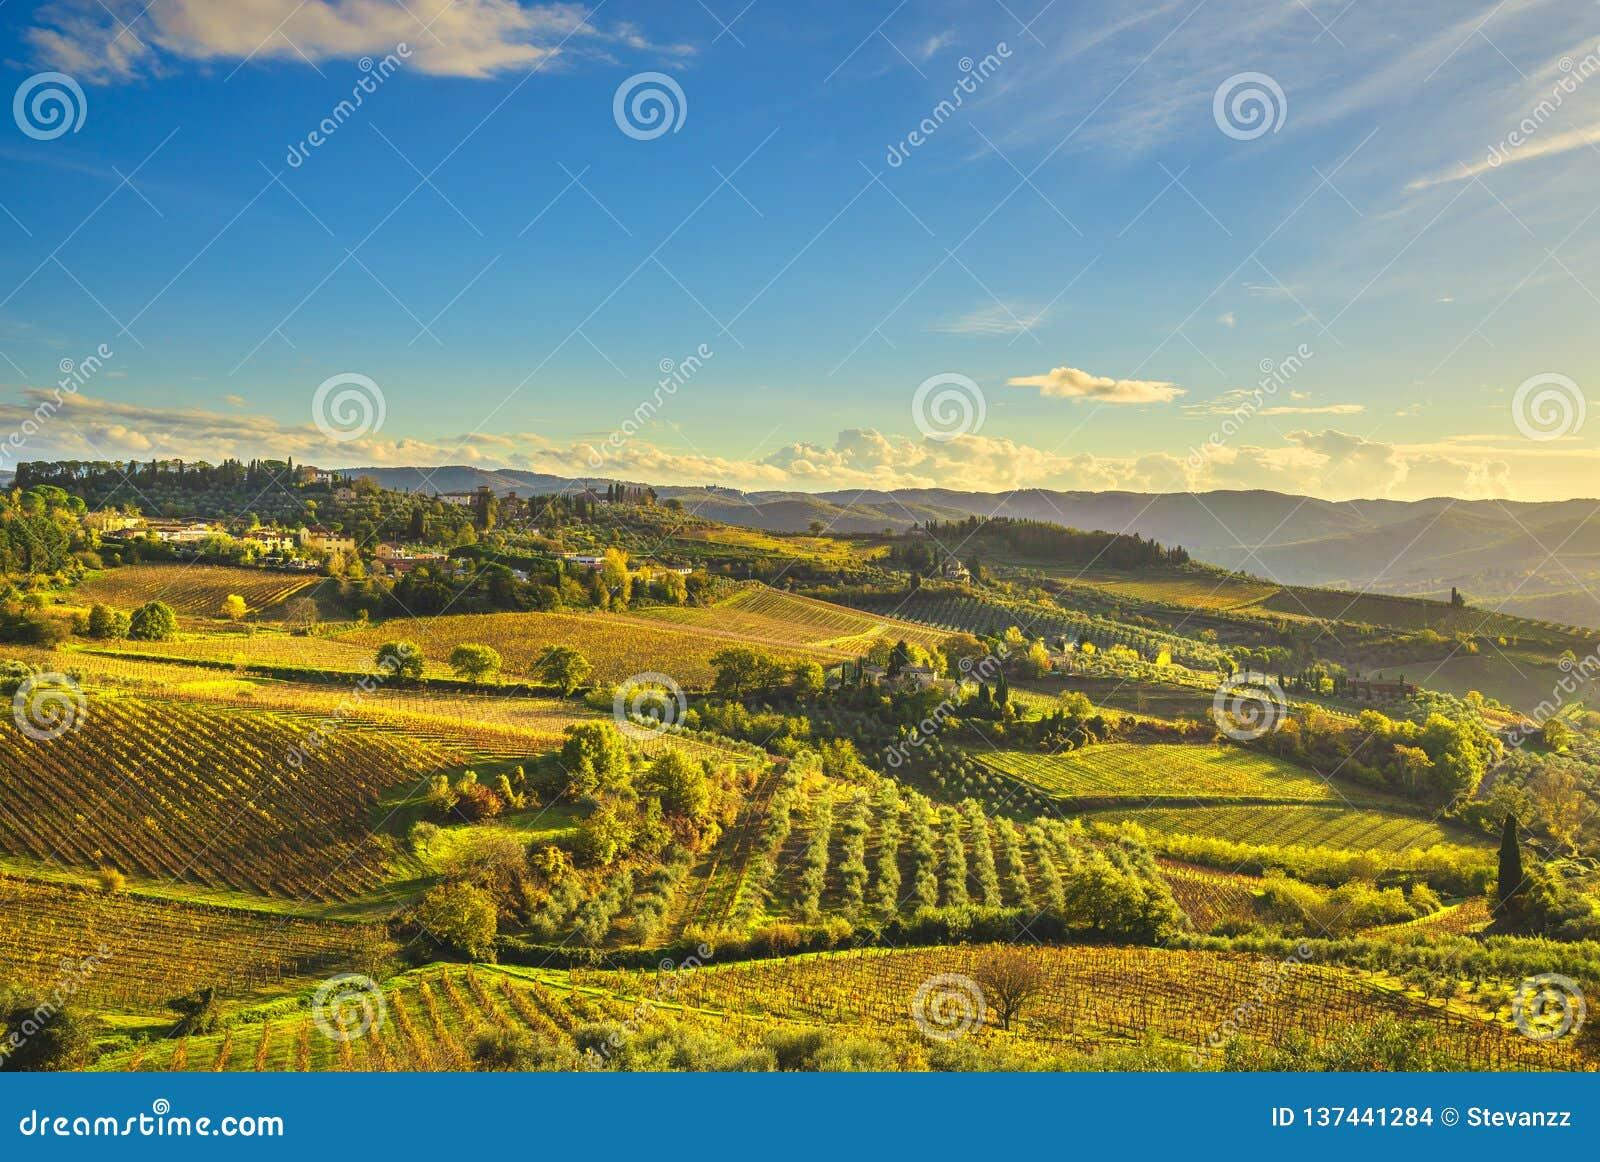 Panzano dans le vignoble et le panorama de chianti au coucher du soleil La Toscane, Italie